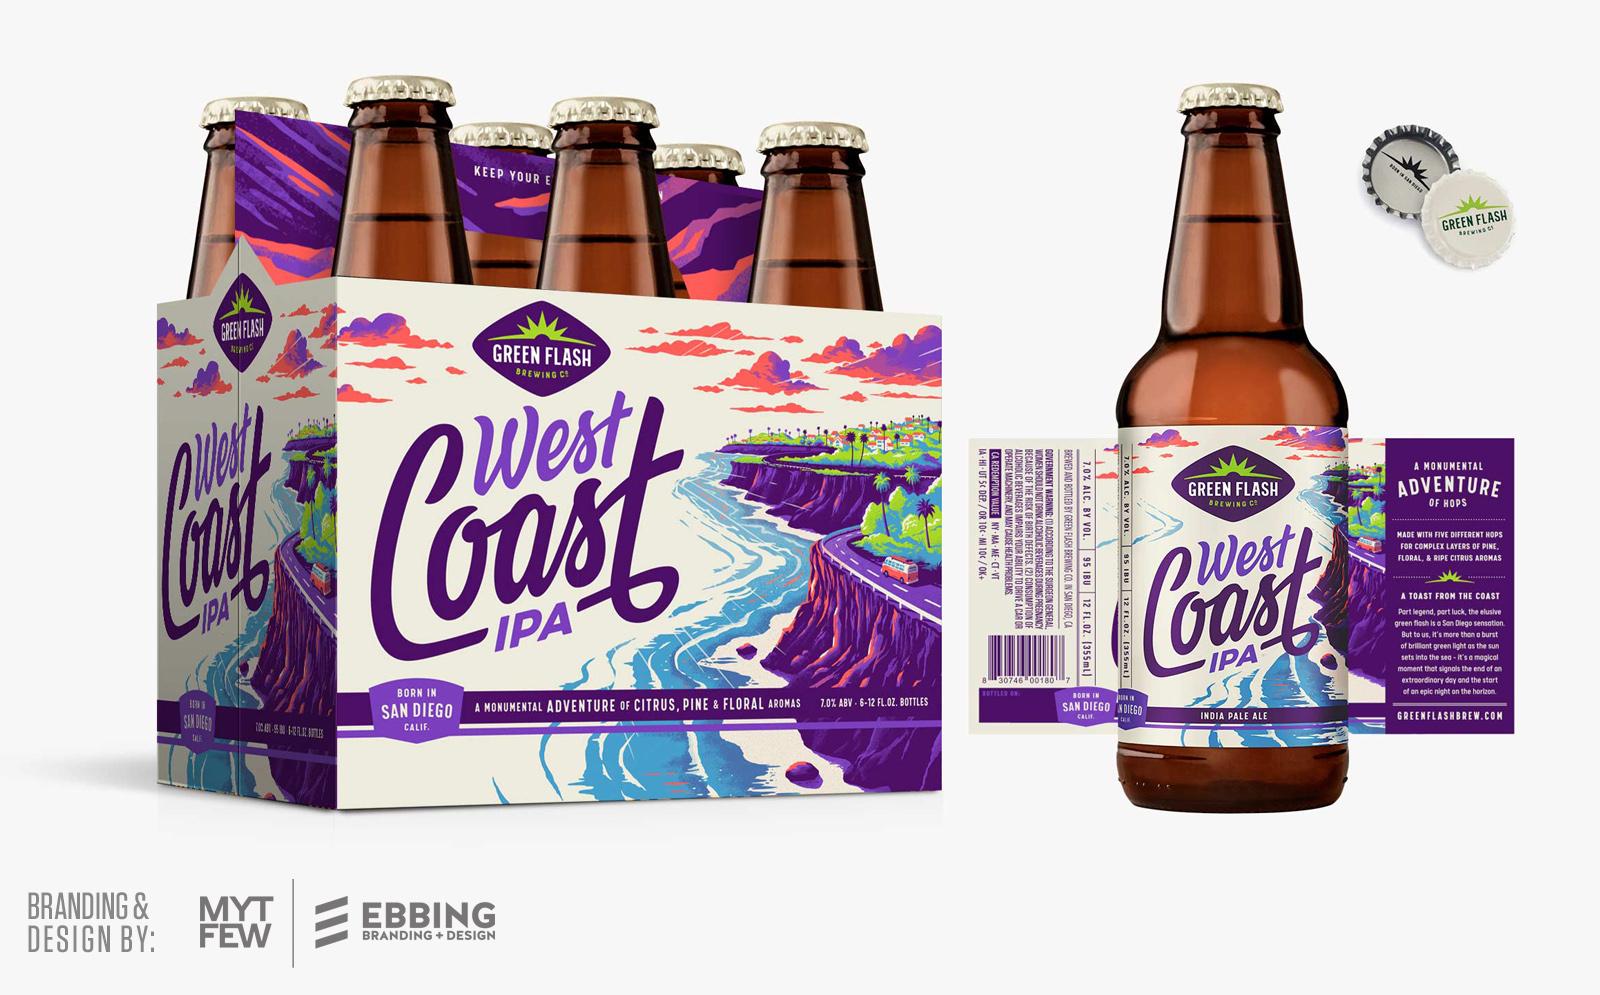 Green-Flash-Brewing-Rebrand-WestCoastIPA-Package-Design-6-Pack-Bottle-PR.jpg